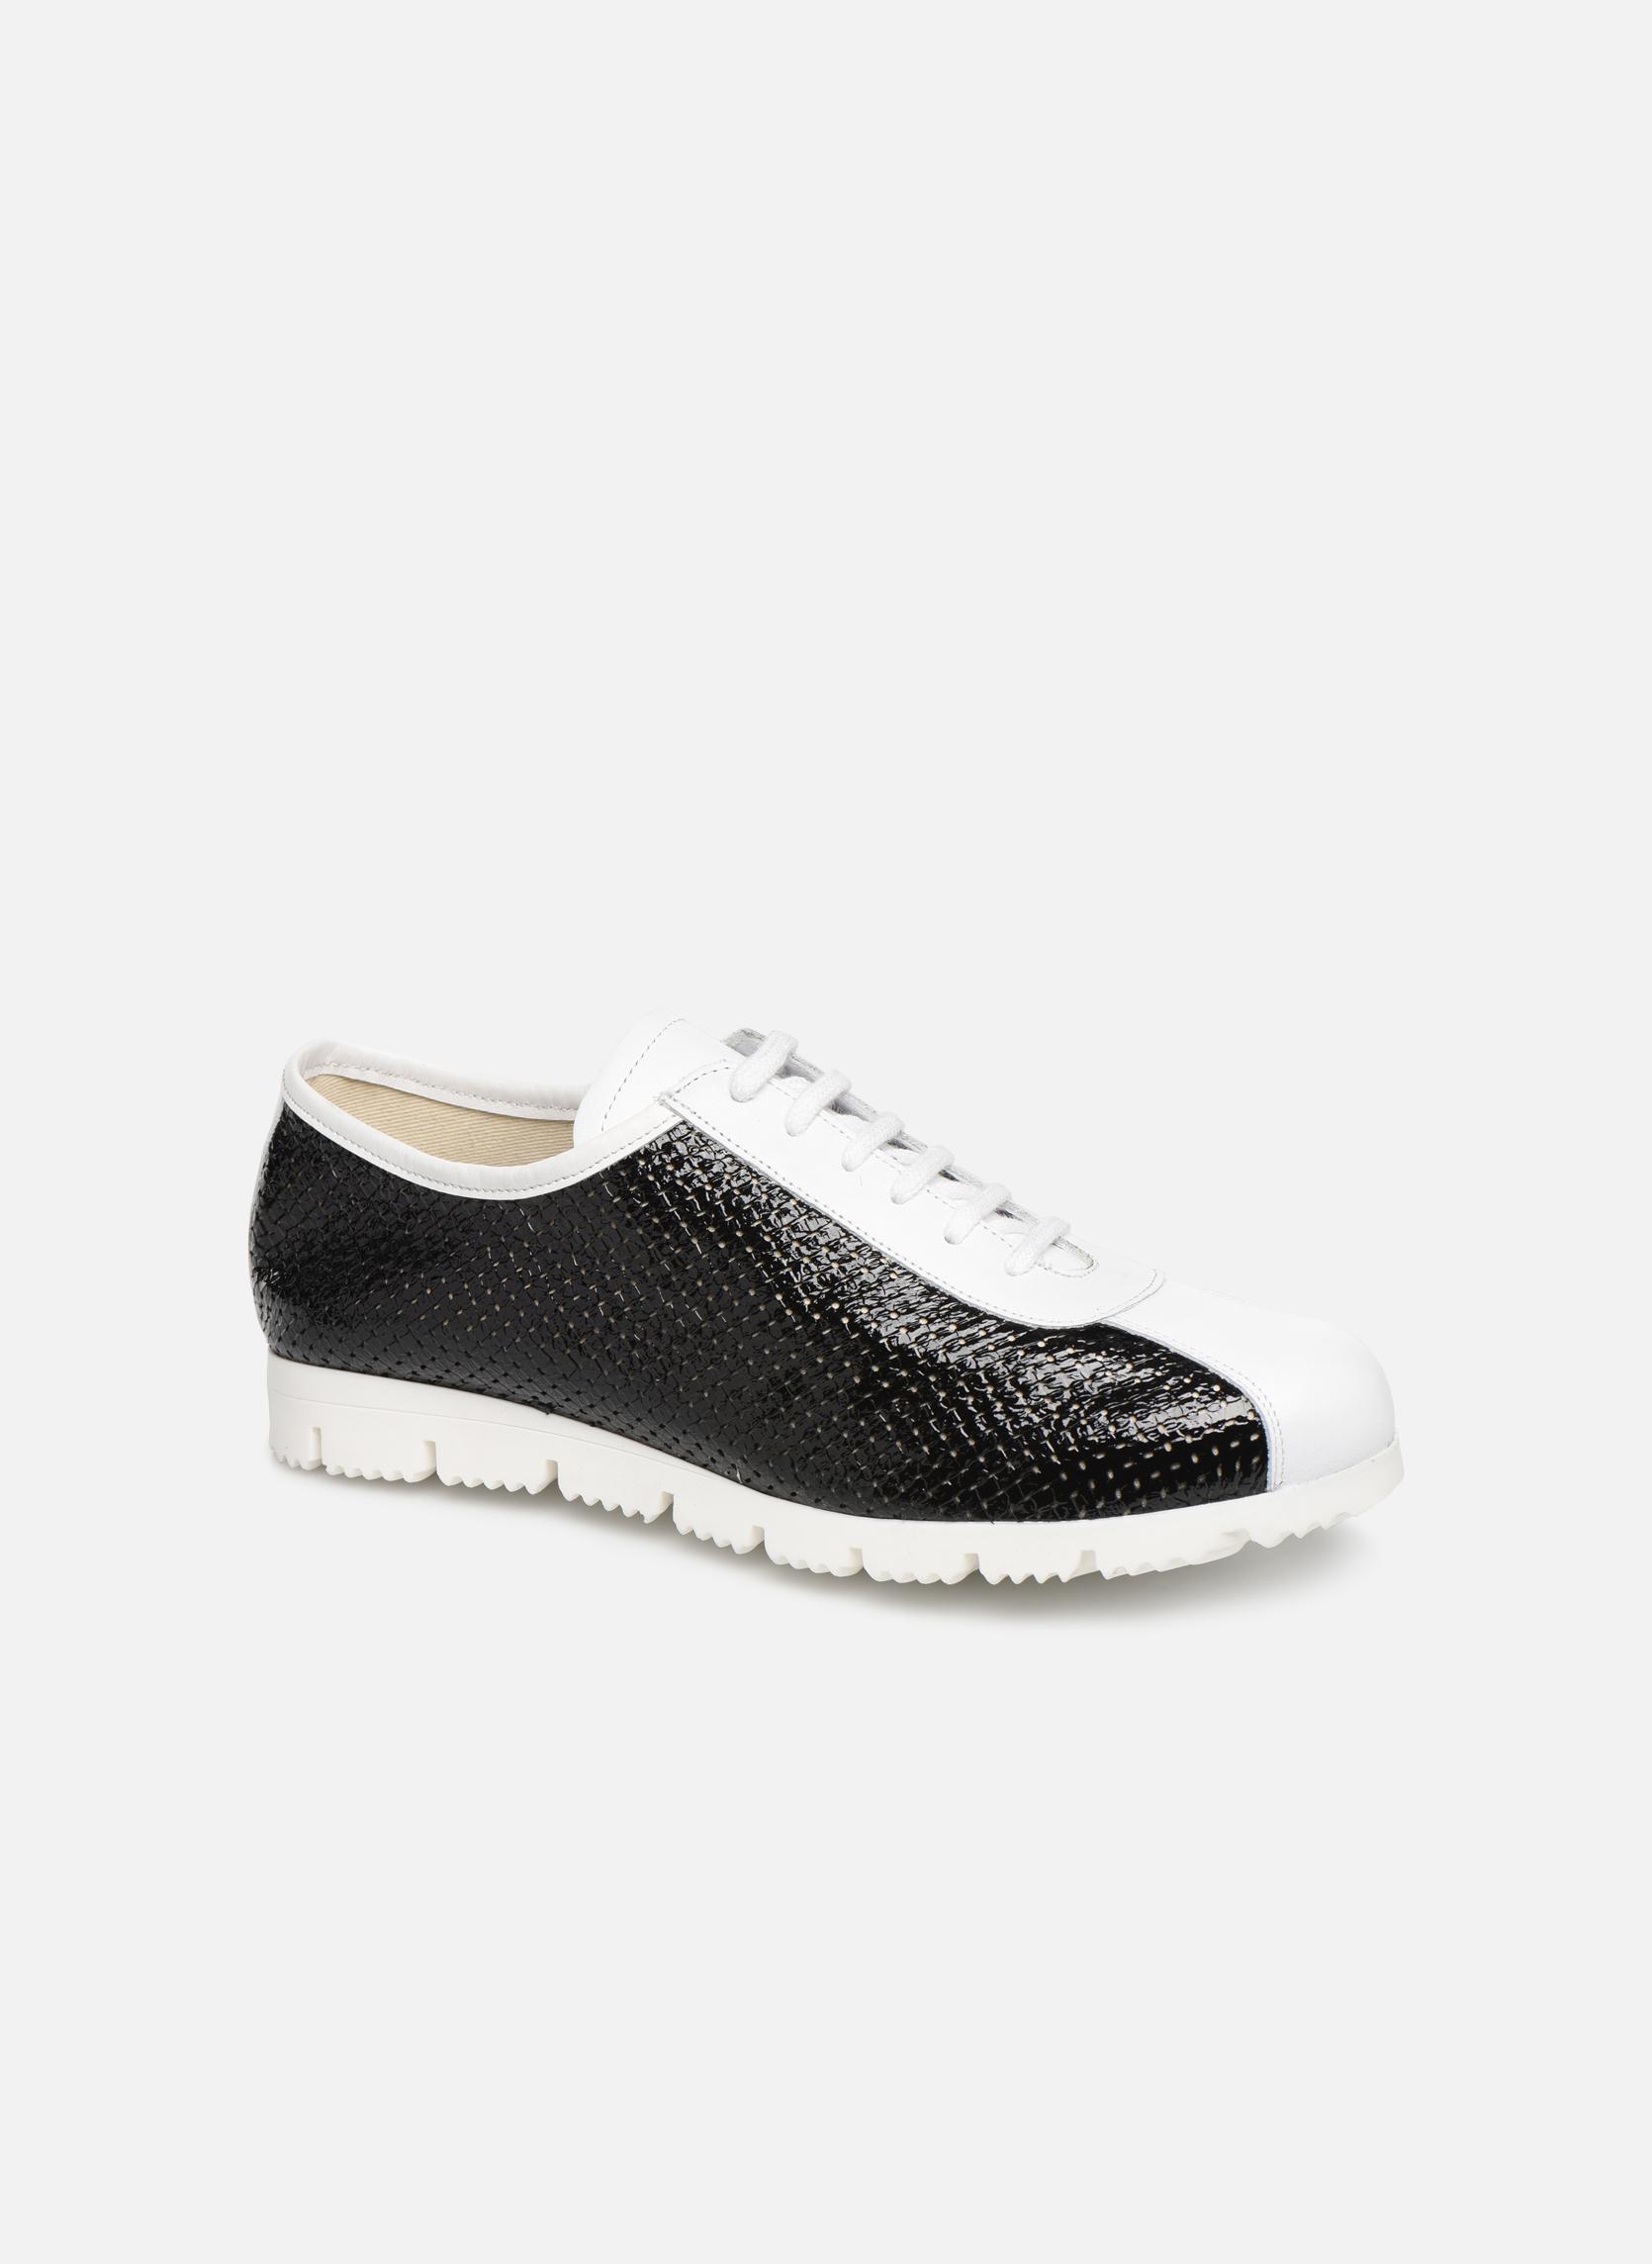 Sneakers Jlac 462 by Elizabeth Stuart